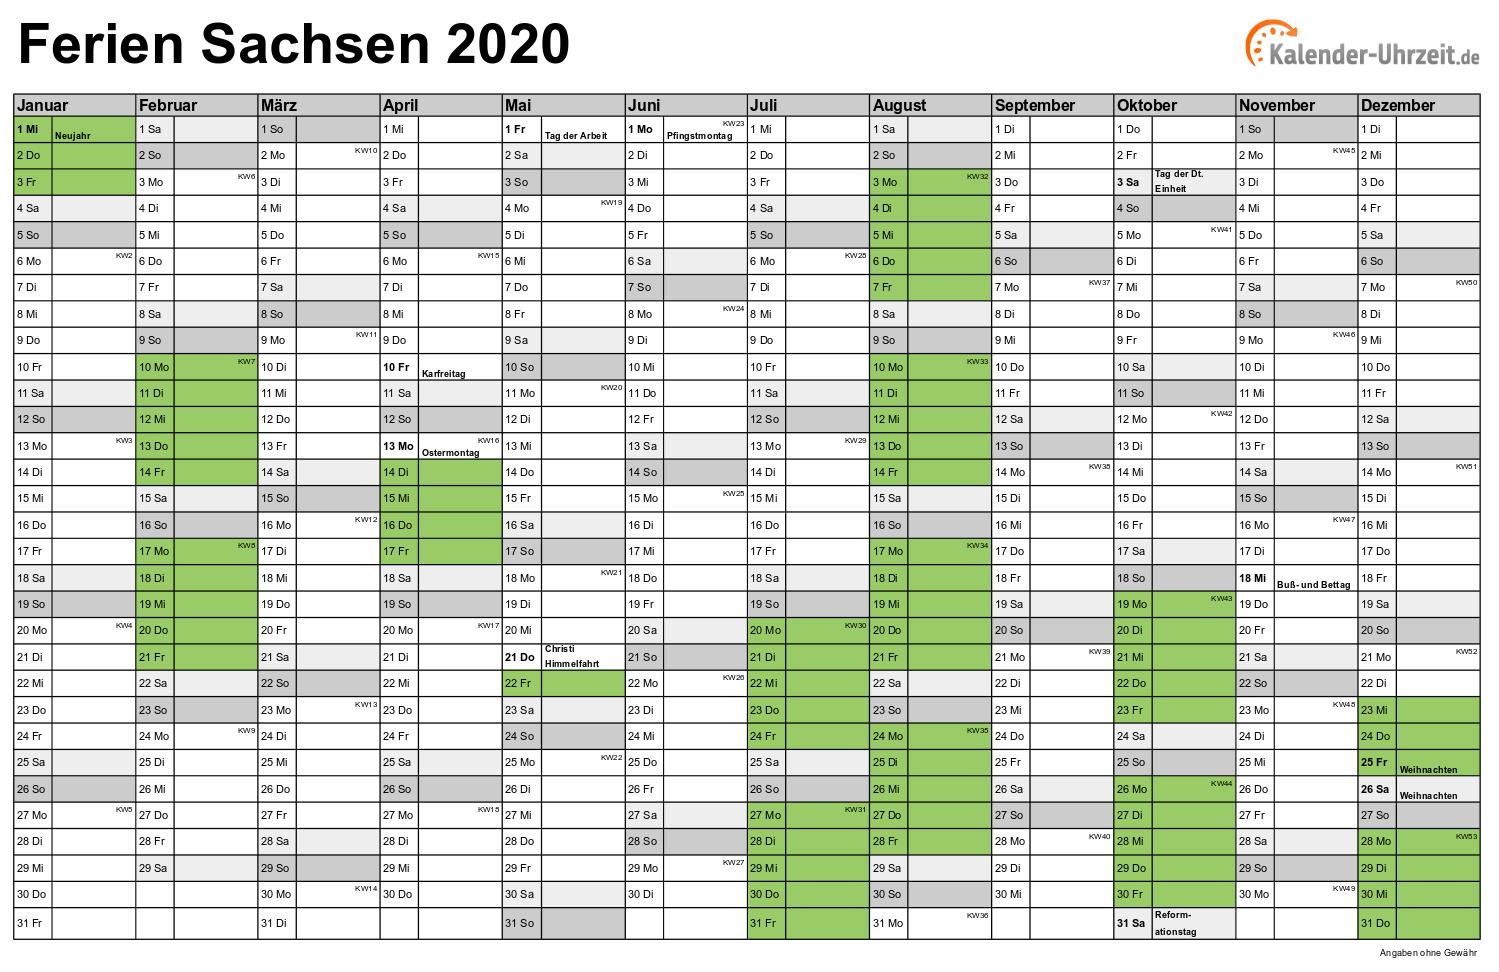 Ferien Sachsen 2020 Ferienkalender Zum Ausdrucken